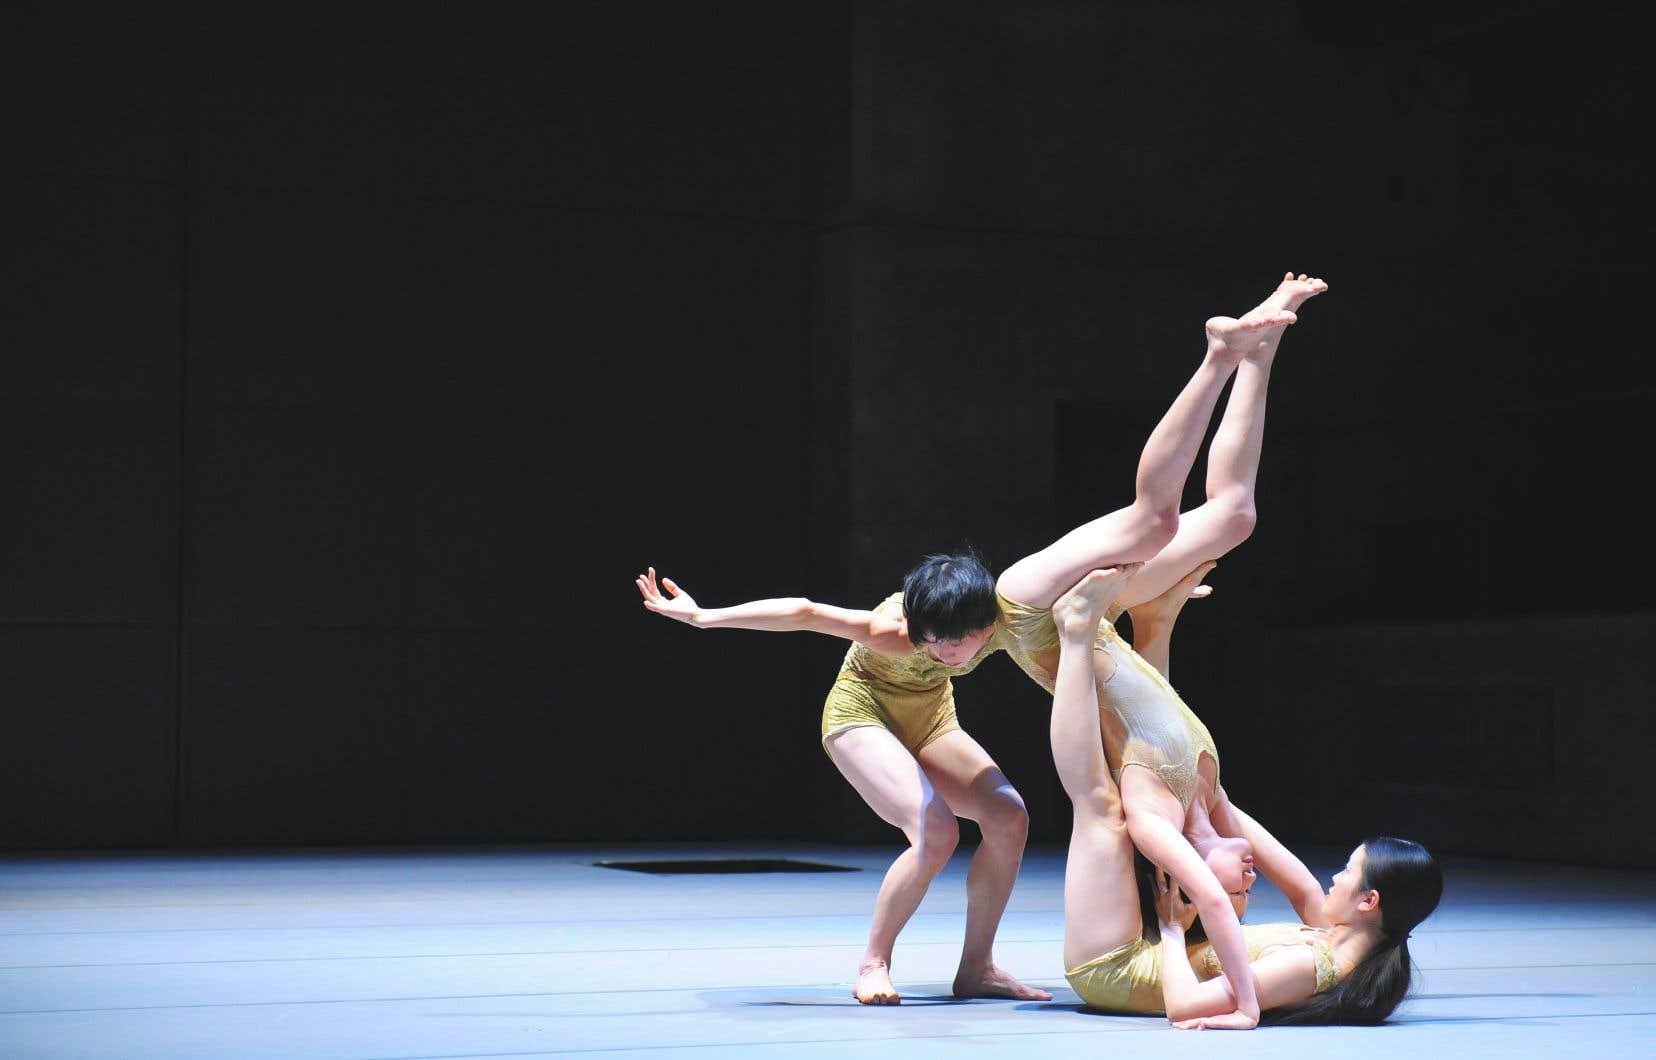 «Amigrecta» exige du spectateur une grande concentration afin d'y projeter son propre imaginaire.